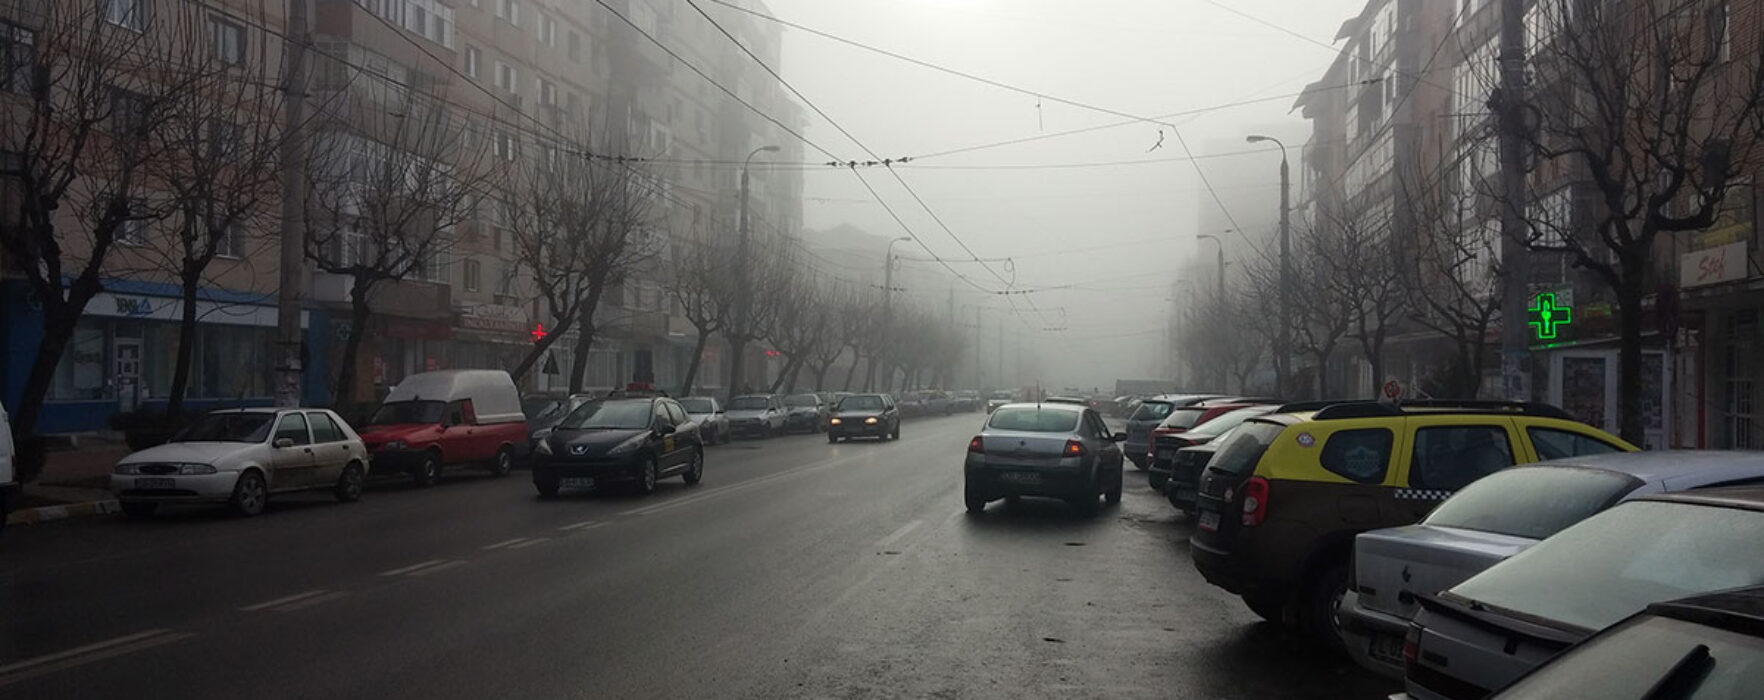 Dâmboviţa: Copaci căzuţi şi un acoperiş luat de vânt în Târgovişte; cod roşu în patru localităţi din judeţ